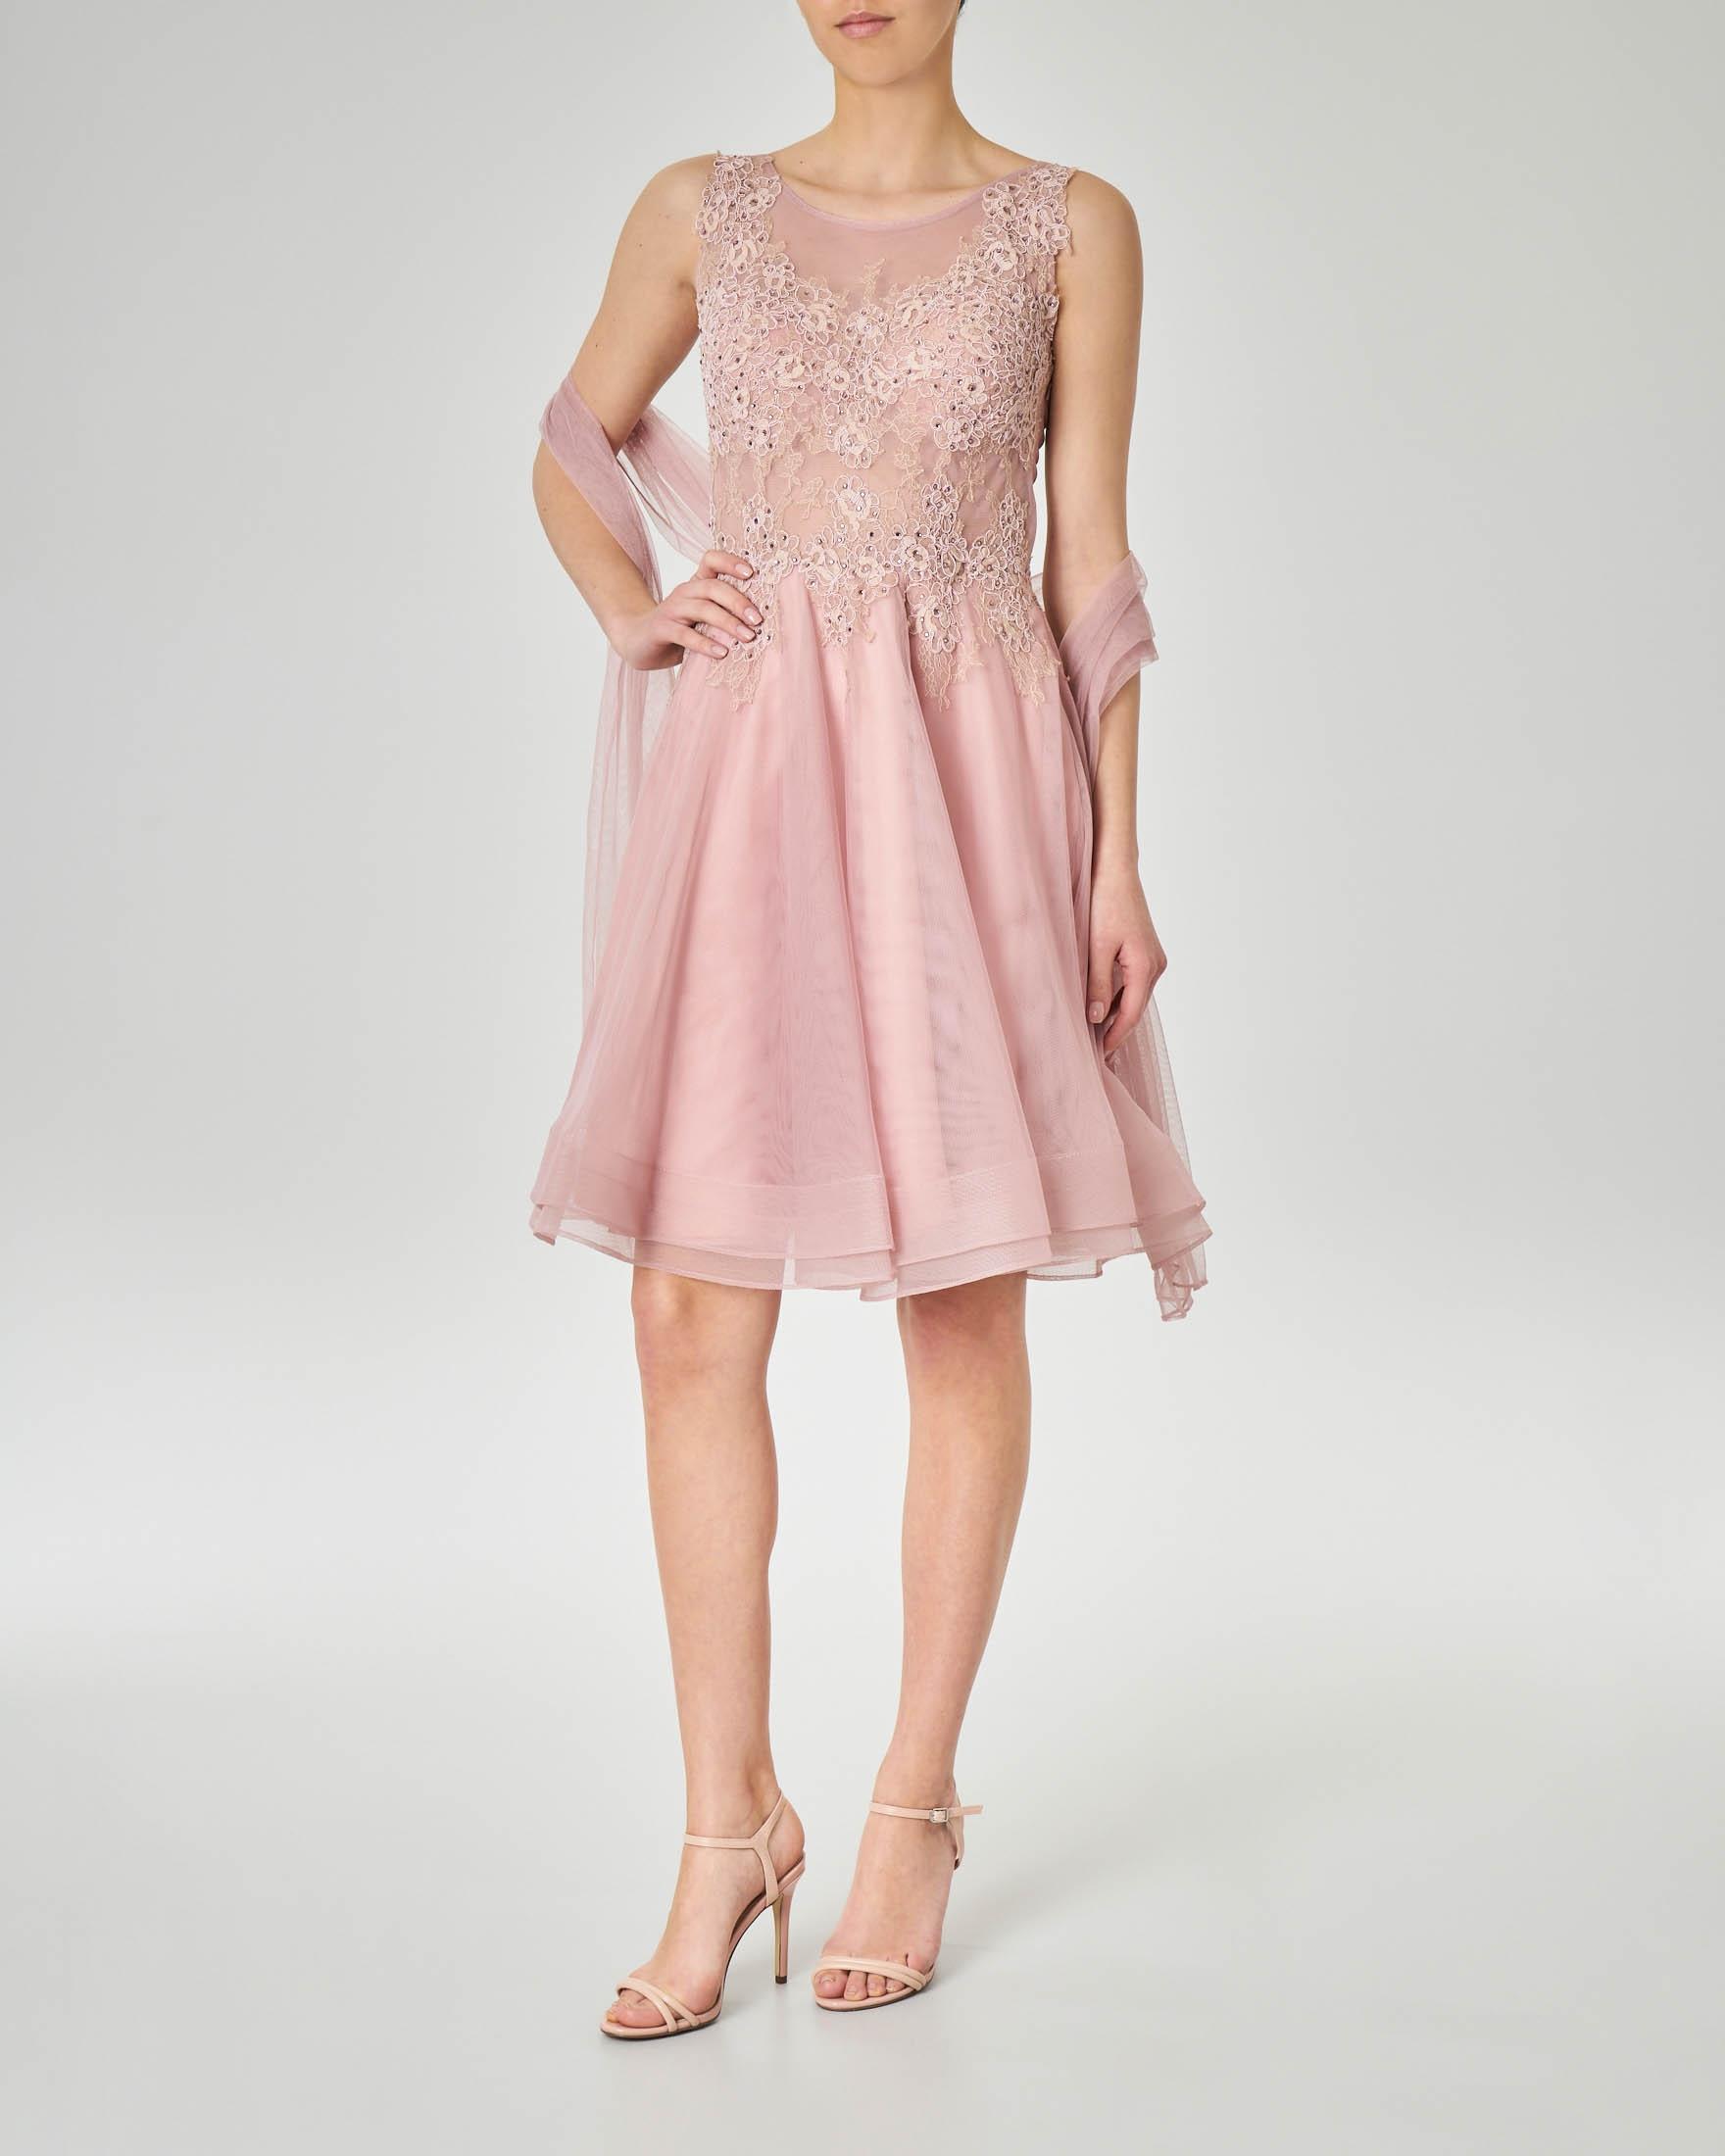 online store d9a1e 9390e Abito corto rosa antico con gonna in tulle con fondo ondulato e corpetto  ricamato in pizzo